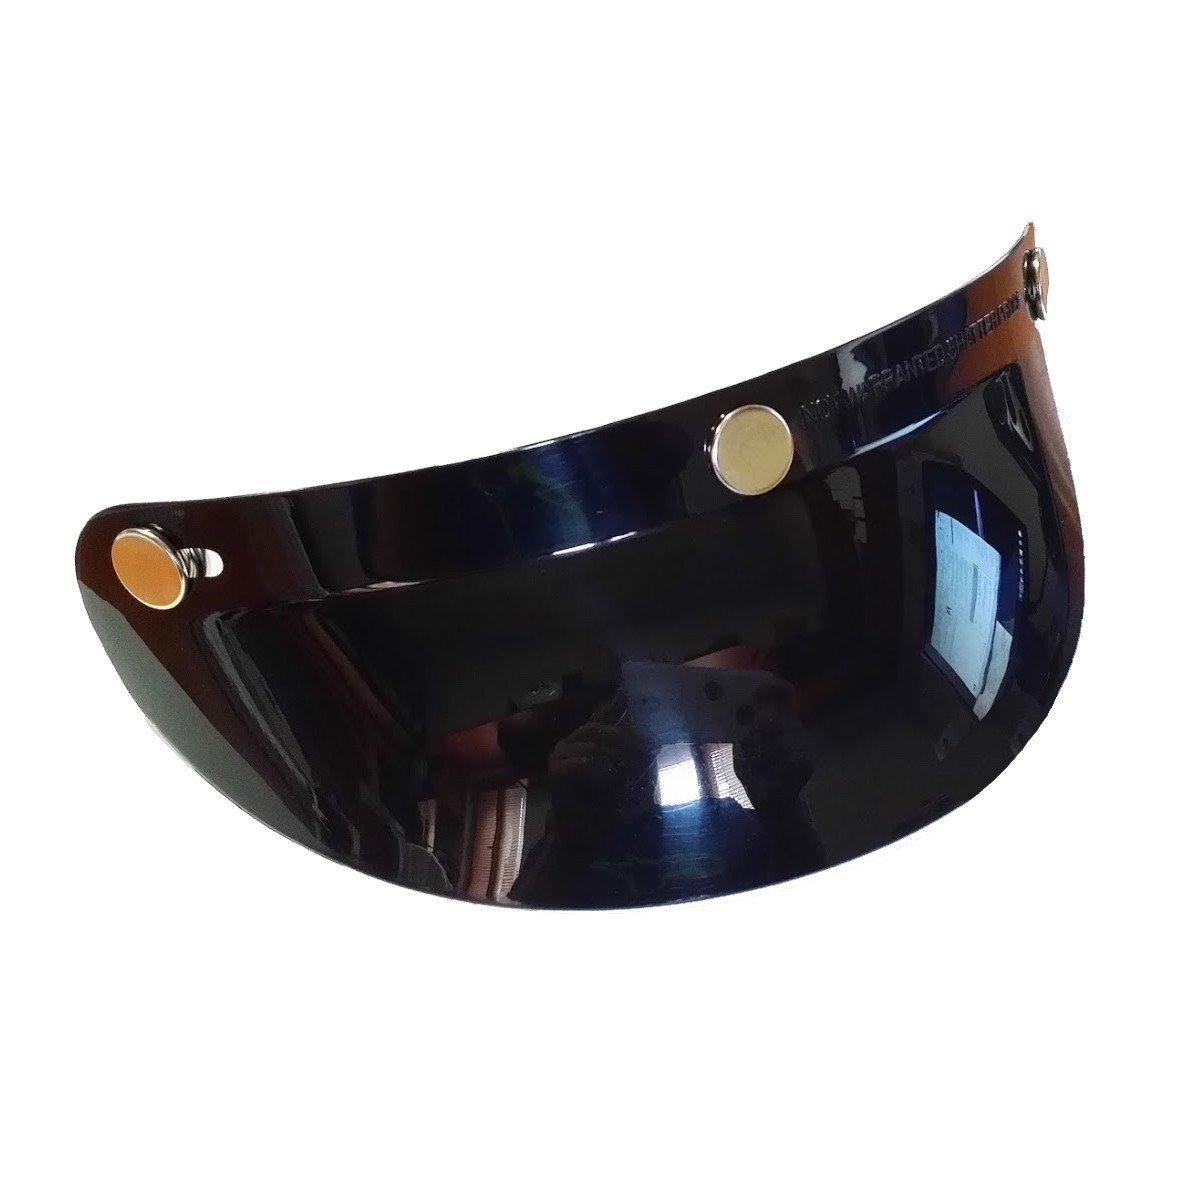 Hjc Shield Helmet FG-70s Black